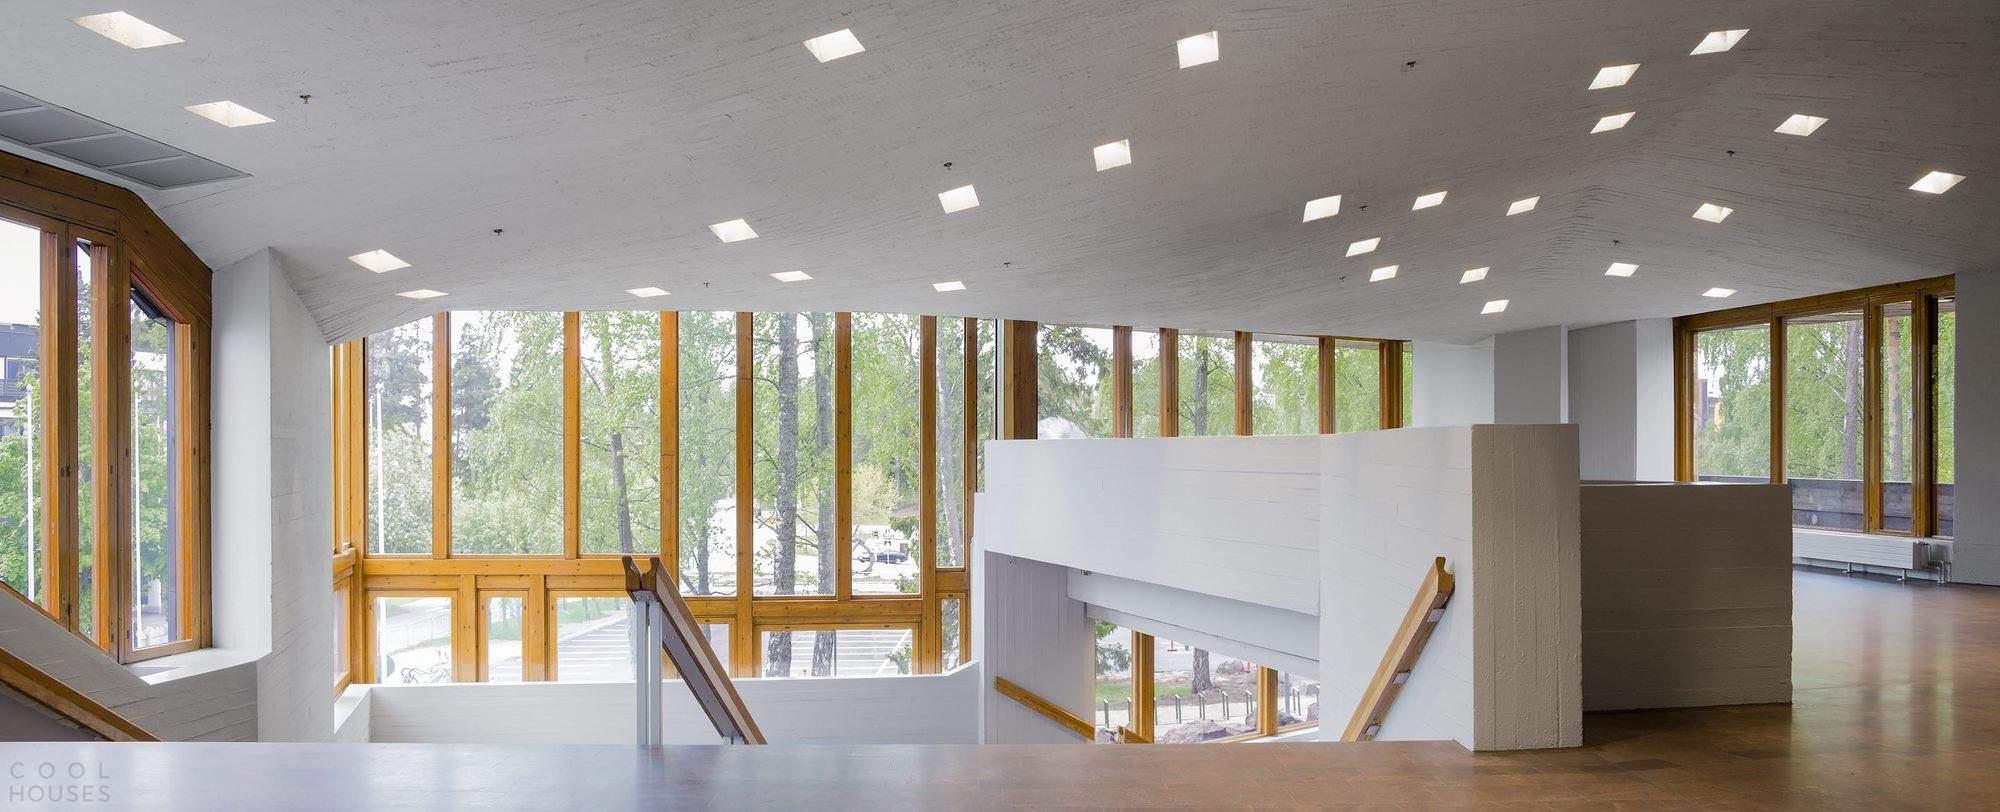 Реконструкция главного здания Университета Аалто в Финляндии